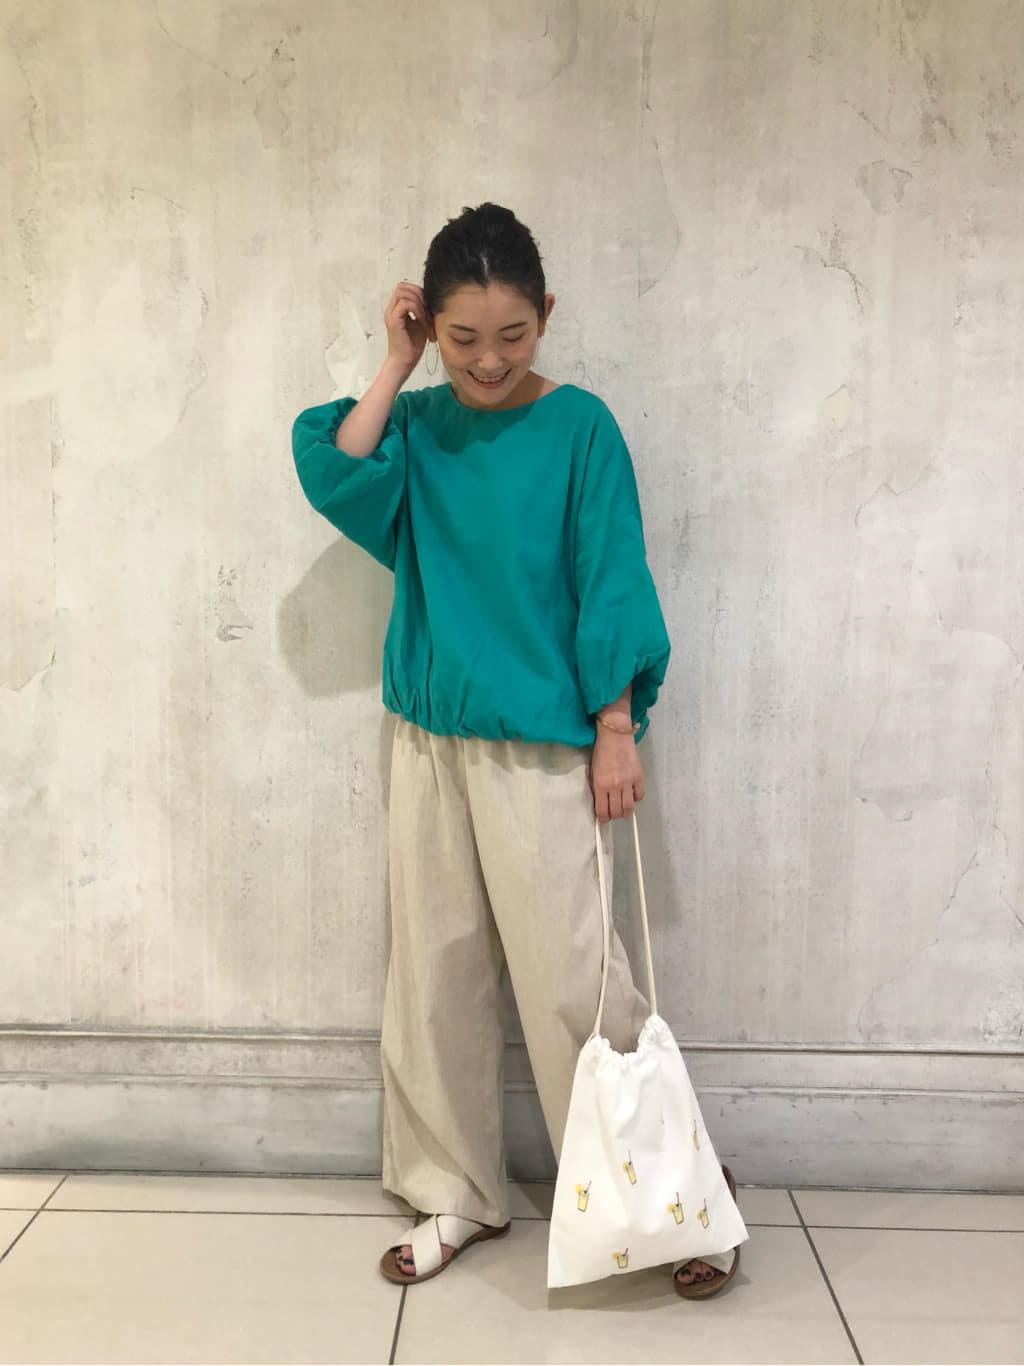 【blouse】着用サイズ Fsize 鮮やかなグリーンが目を惹くバルーンブラウス  後ろのデザインボタンがポイントに 袖口と裾にたっぷりとギャザーを寄せふんわりとしたシルエットが女性らしい  リネン素材なので袖丈があっても涼しく着ていただけます。  洗濯   :手洗い可 透け感 :なし(白のみあり) 裏地  :あり  【pants】着用サイズ 0size リネン混のサッカー生地を使用したワイドパンツ  軽くて、肌に纏わり付きにくく真夏に涼しく着ていただけます。 ウエストがゴムなのでストレスなく穿けるアイテム  これからの時期にオススメです。  洗濯 :手洗い可 透け感:多少あり 伸縮性:多少あり(ウエストのみ)  【bag】 レモネード刺繍を散りばめたオリジナルミニバック  巾着型なので、ちょっとしたお出掛けやポーチとしてもお使いいただけます。  【sandal・accessory】sample